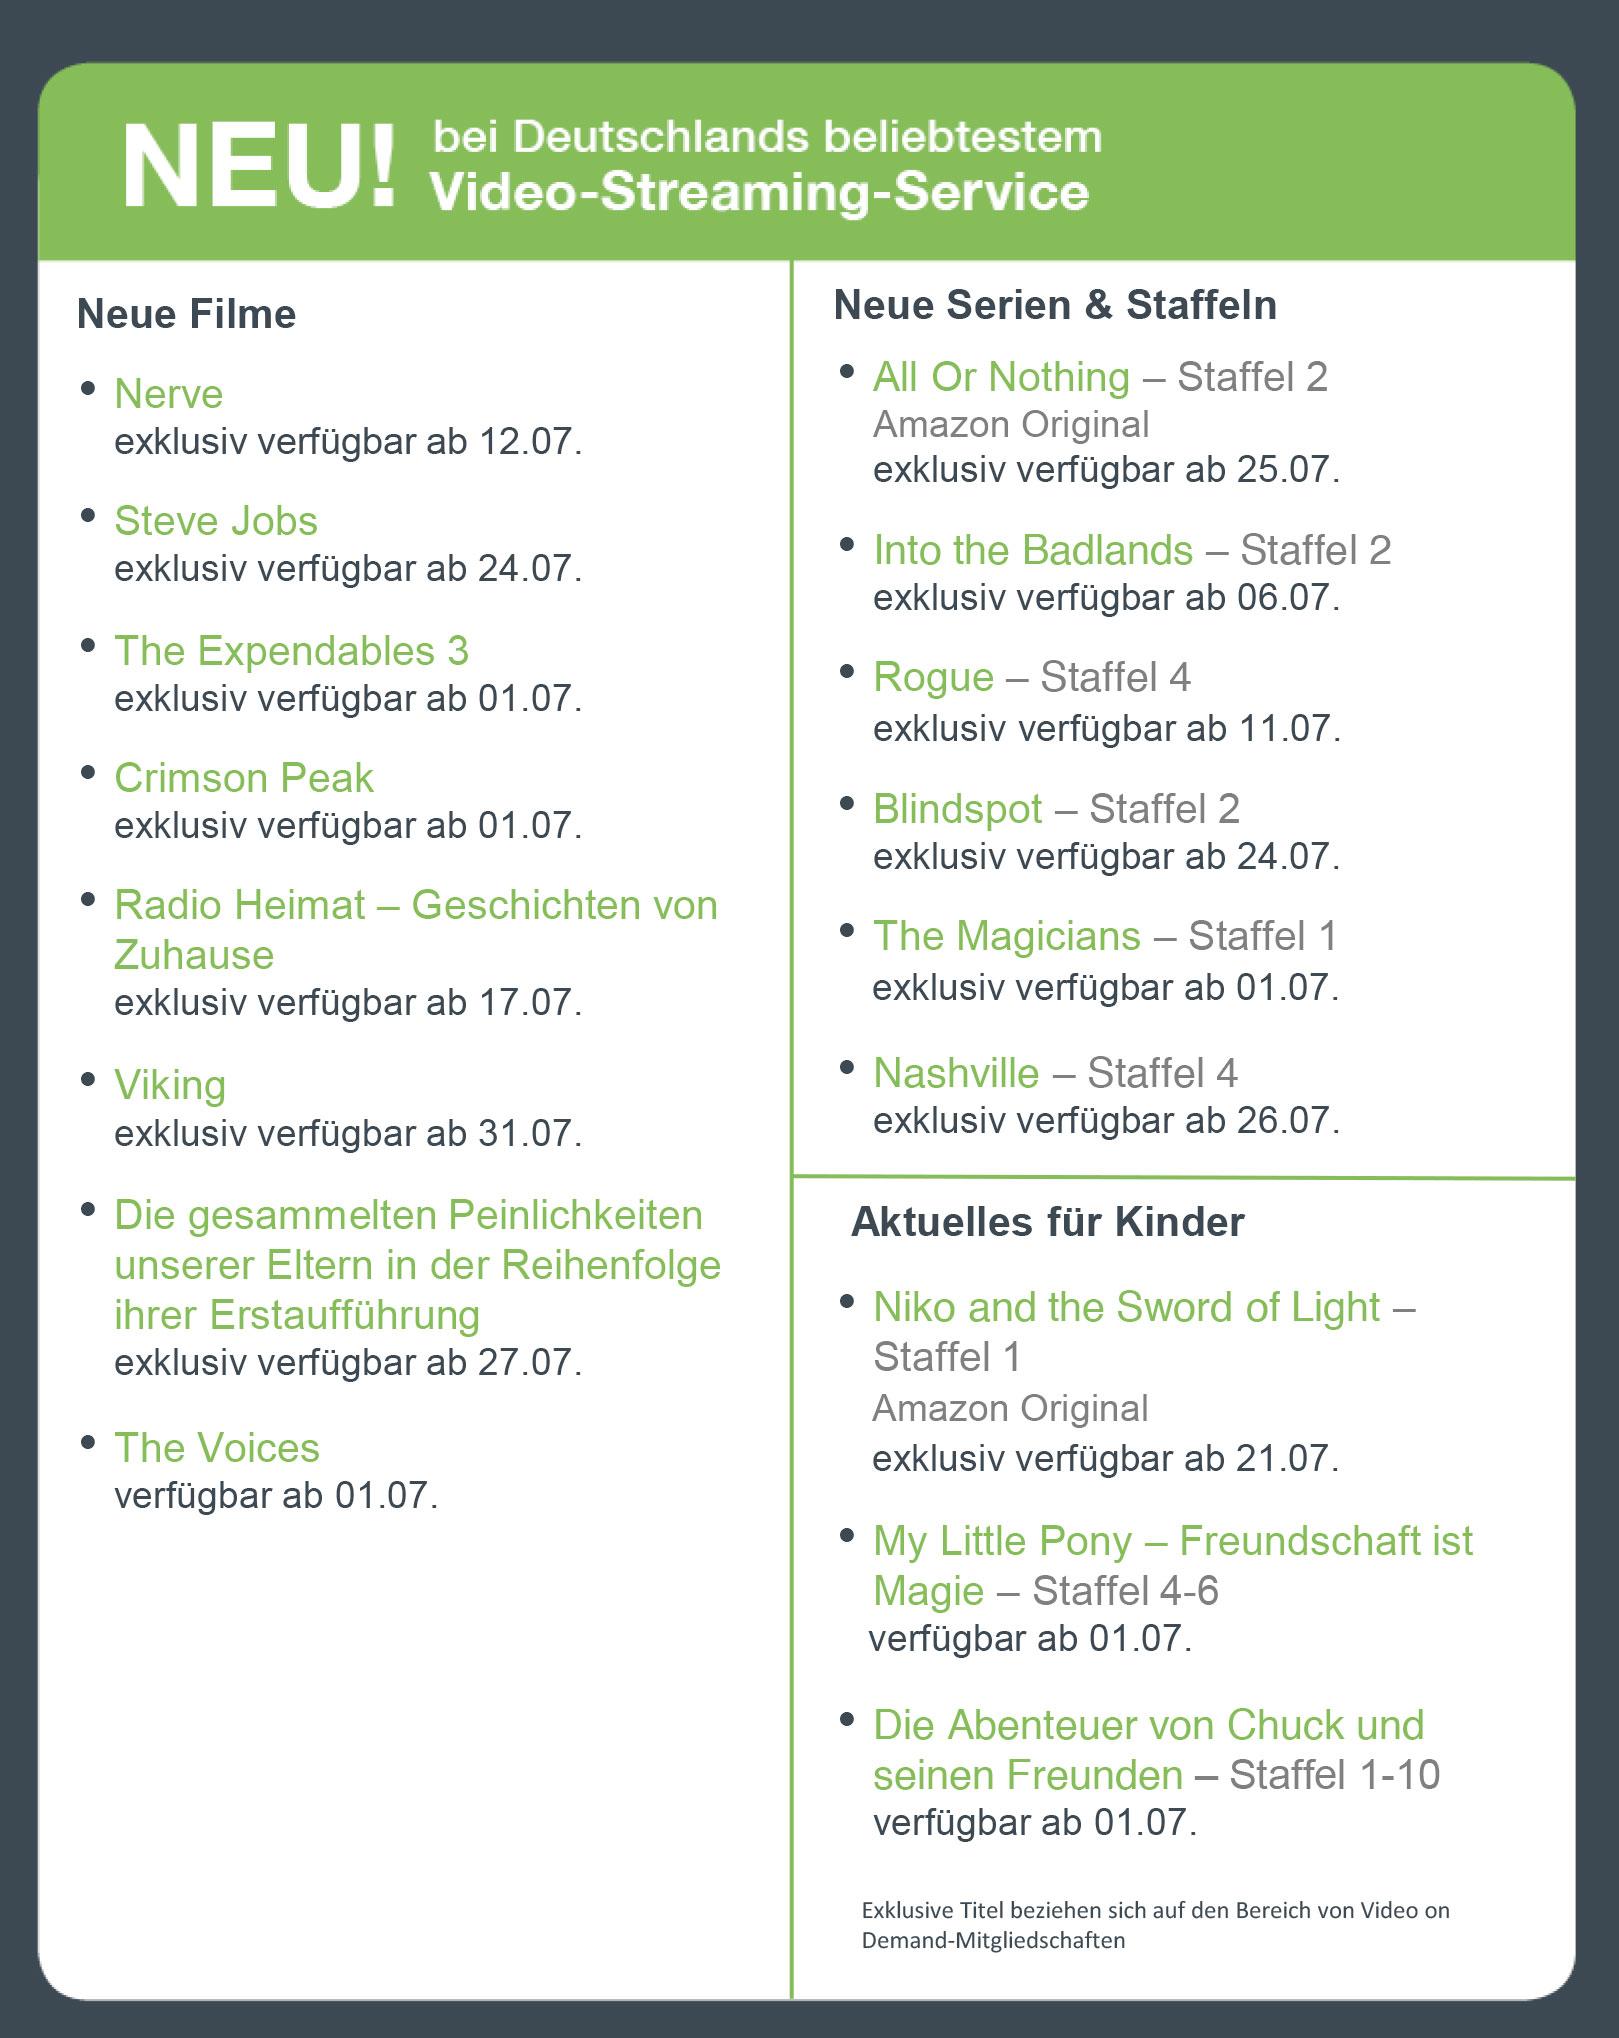 kostenlos singles treffen ohne anmeldung Bensheim